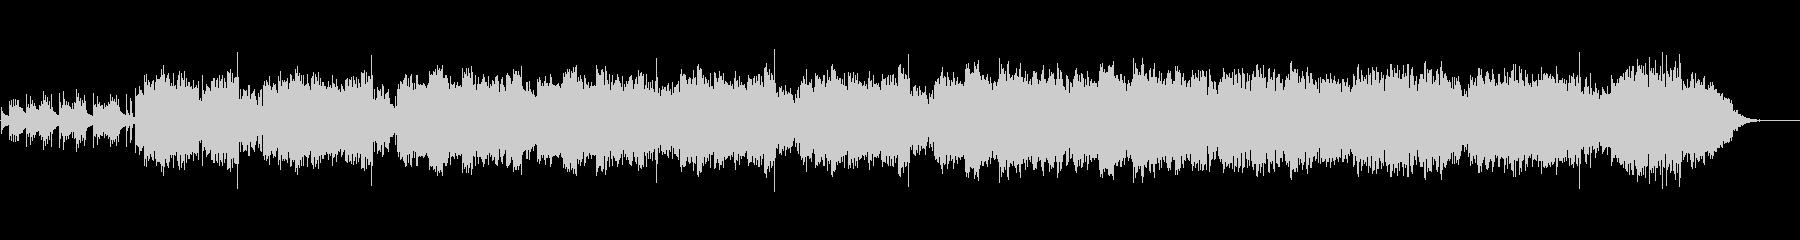 尺八琴三味線を使った和風オリジナル曲の未再生の波形